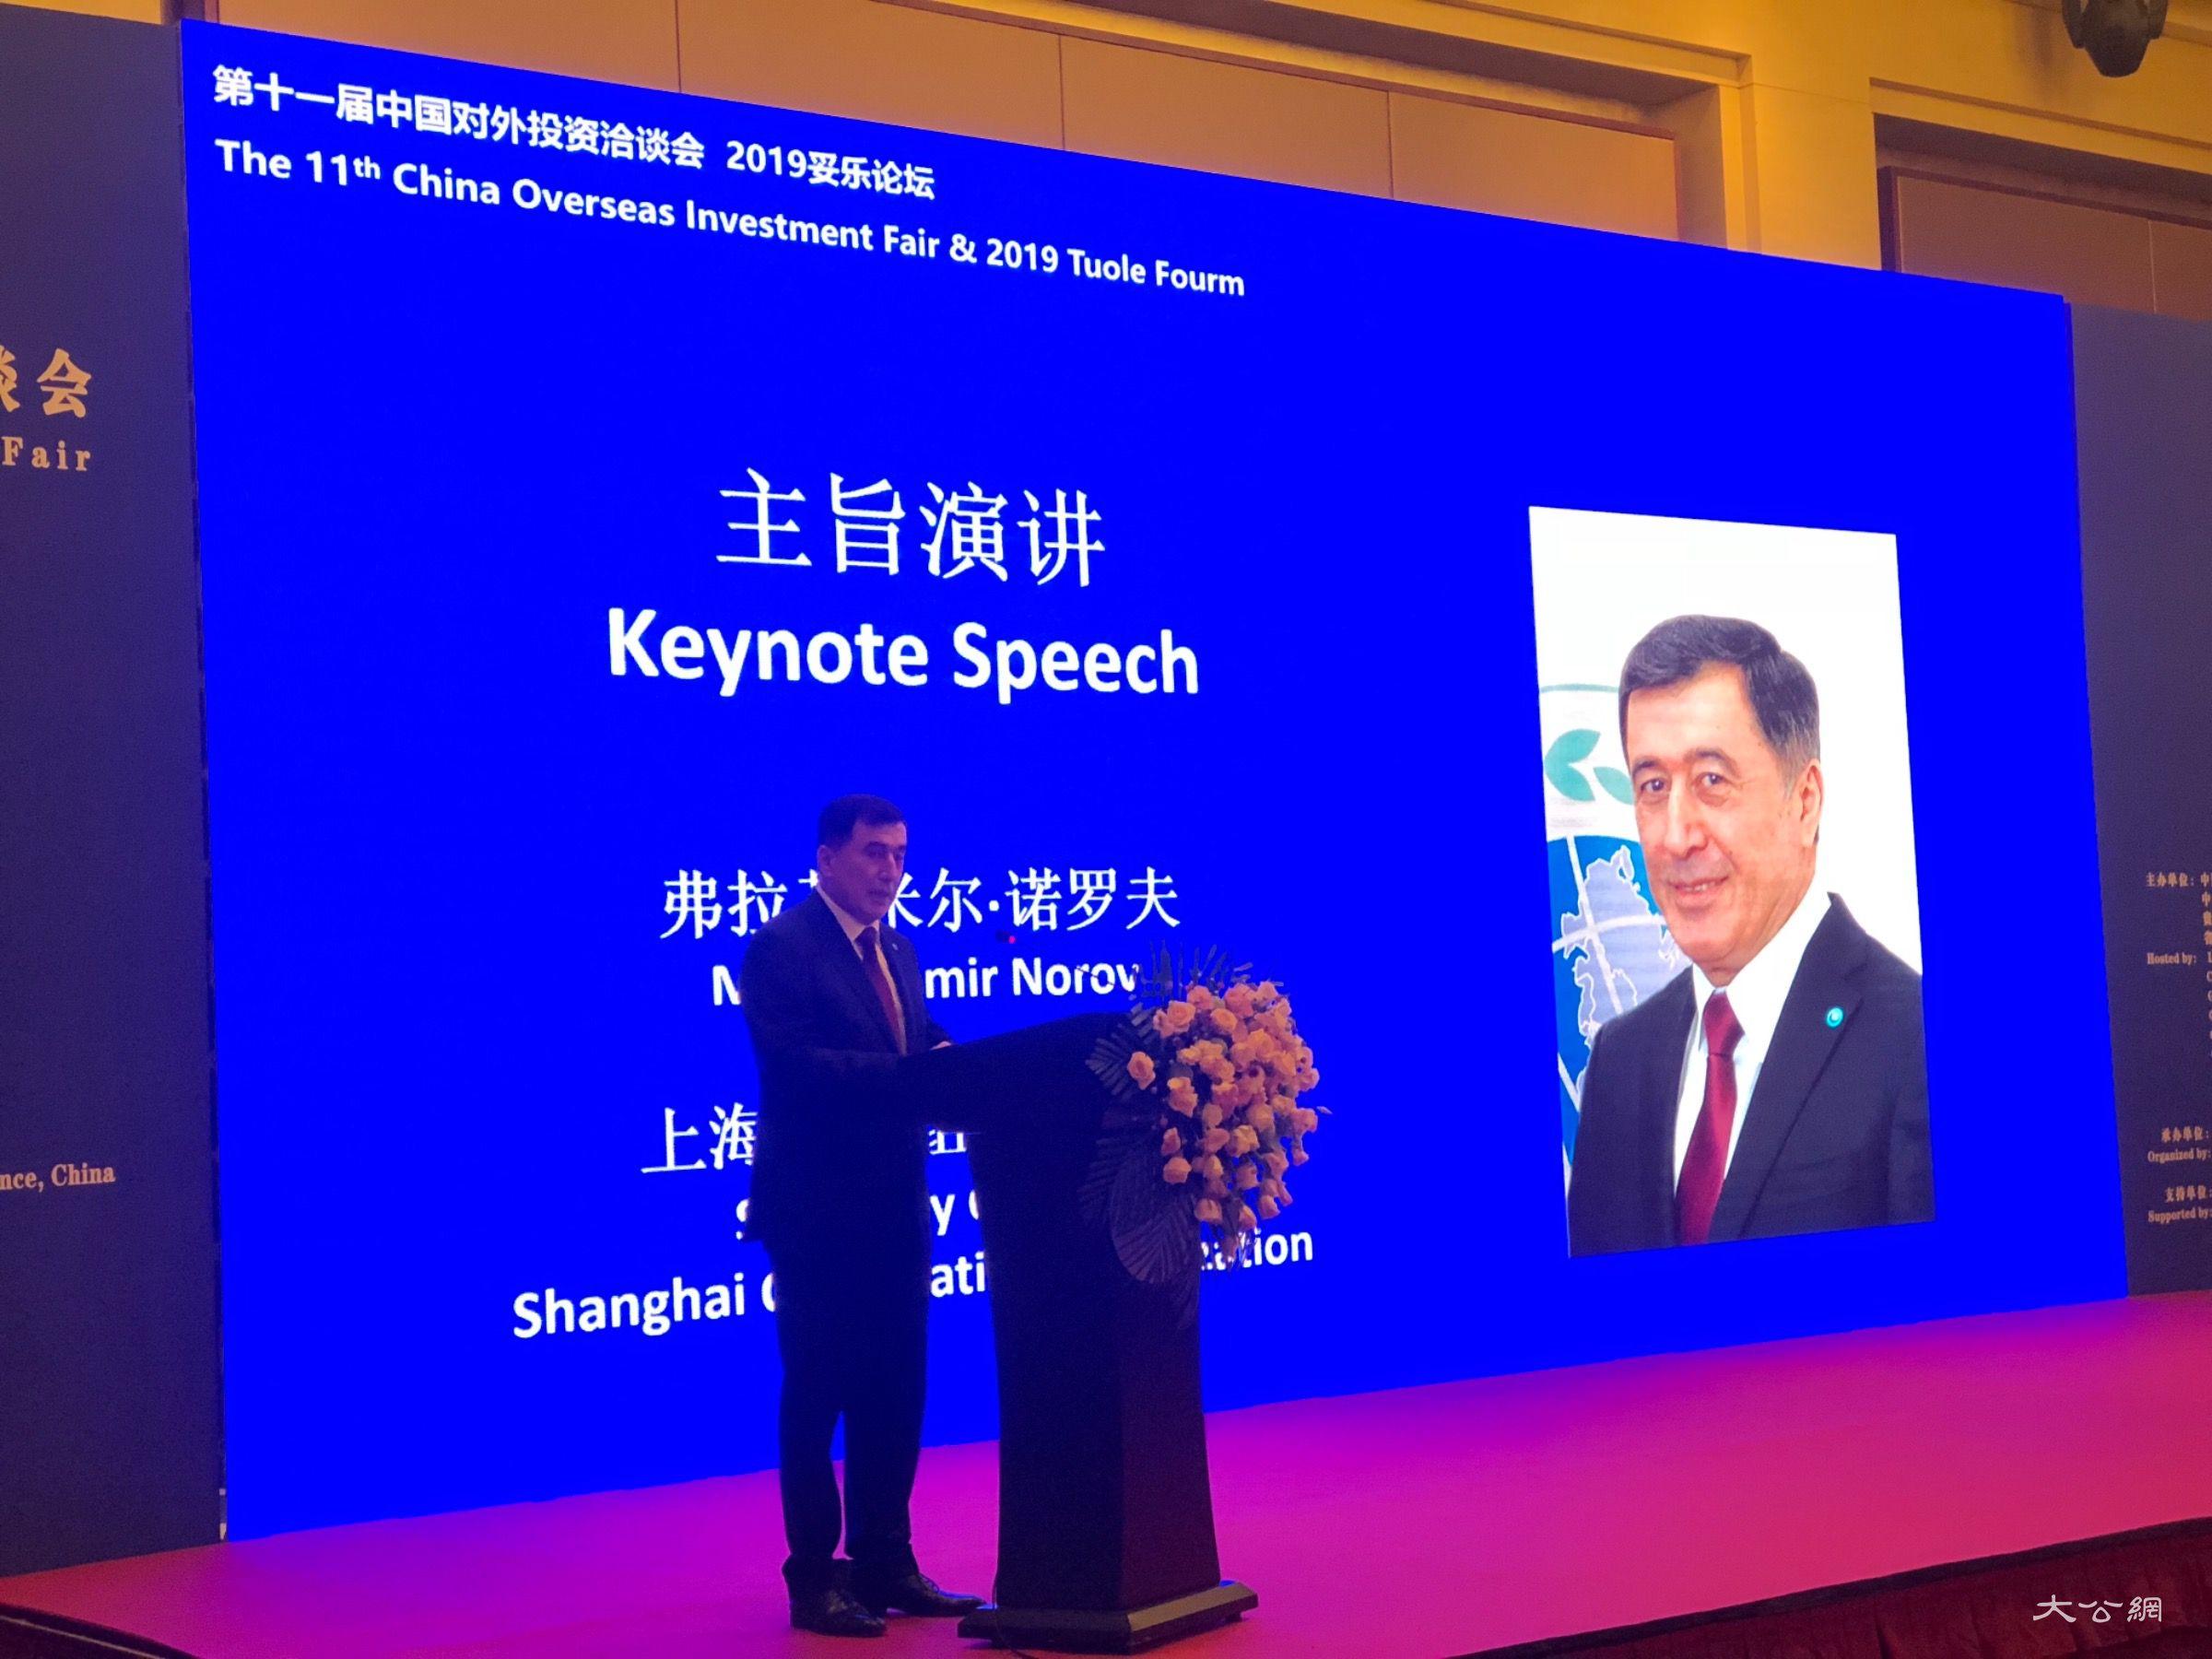 上合组织秘书长:贸易和物流仍是障碍